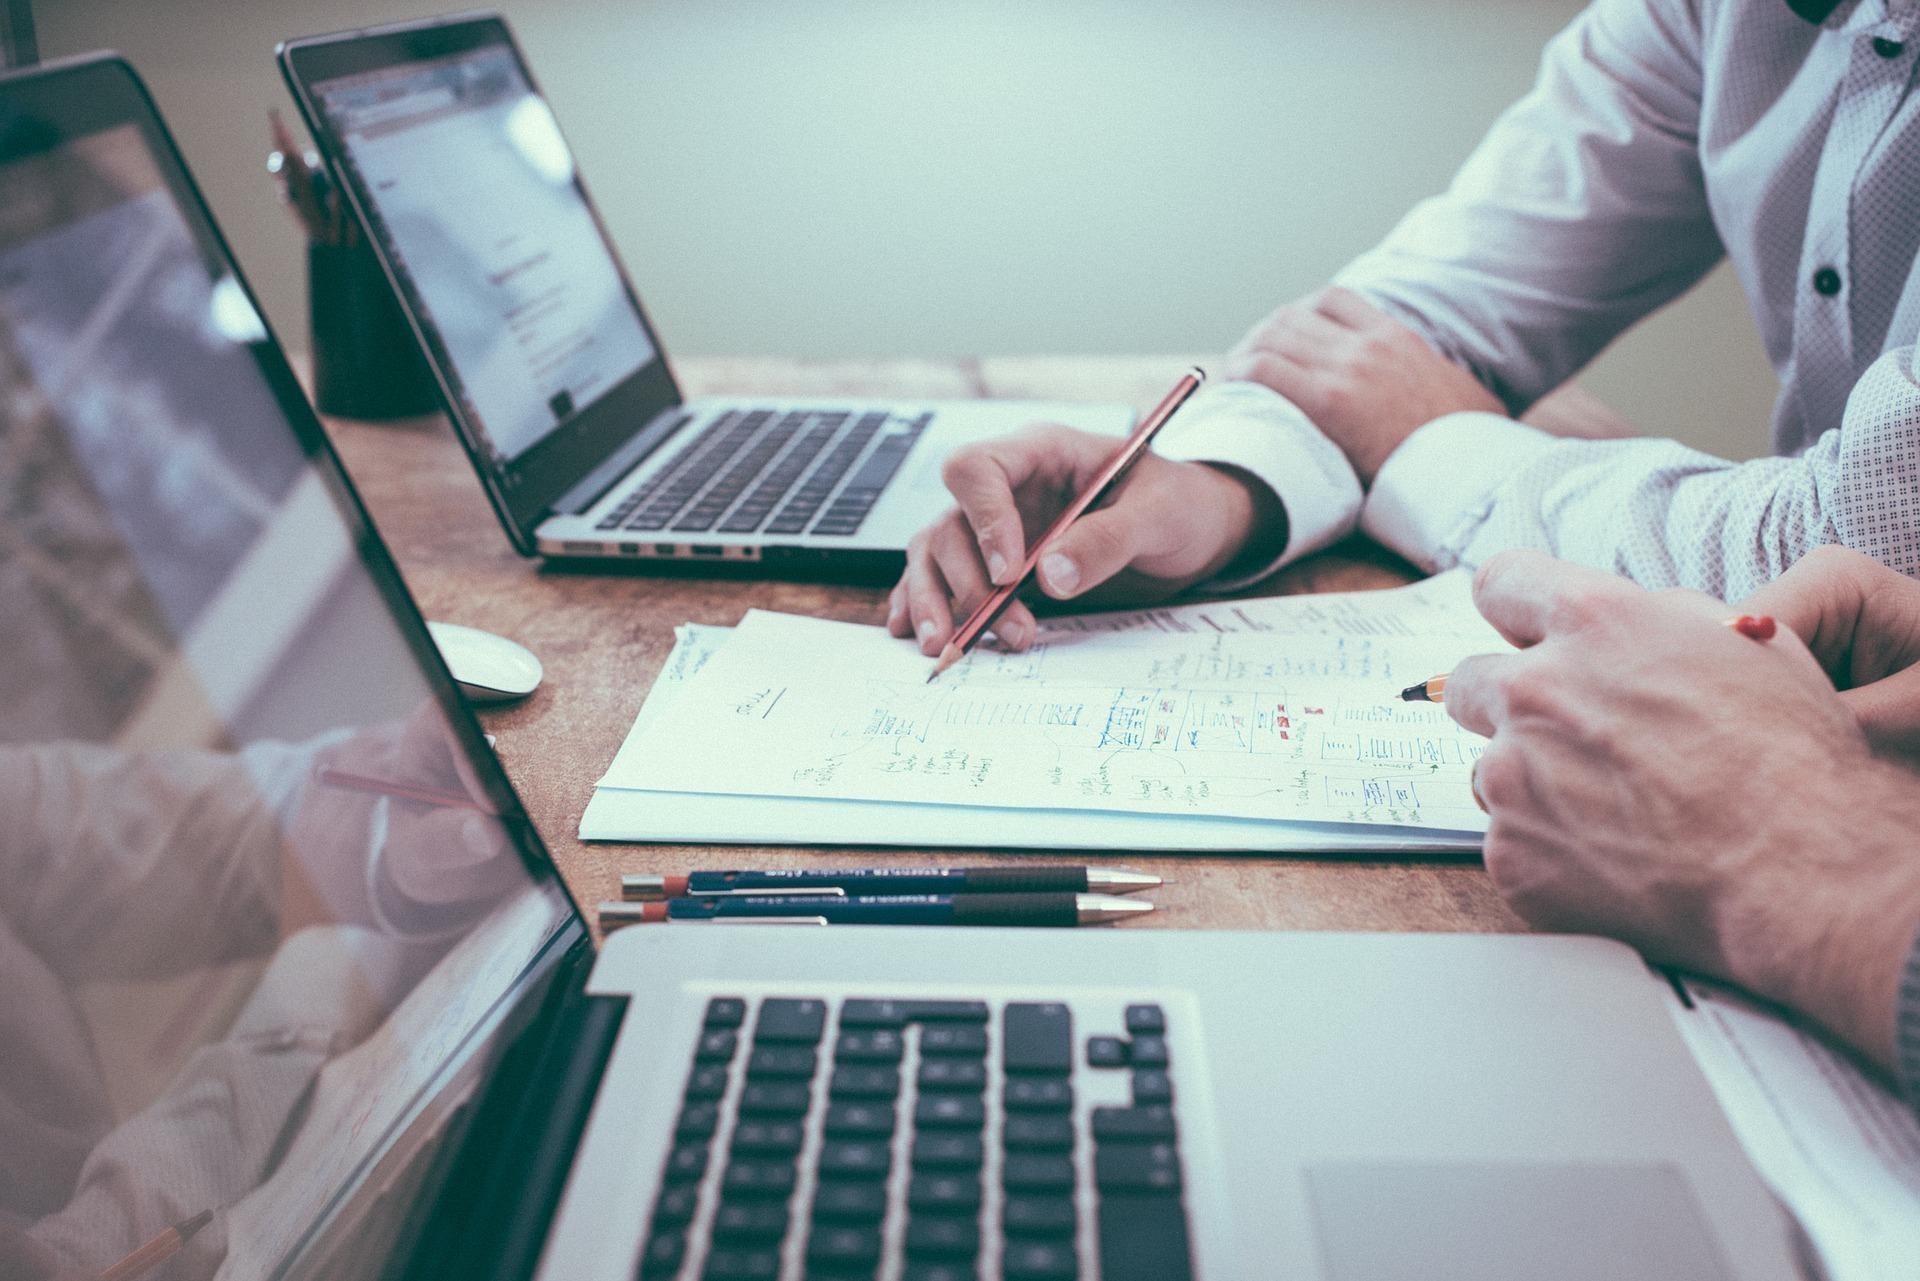 imagen de personas trabajando junto a su ordenador. Certificado digital de representante